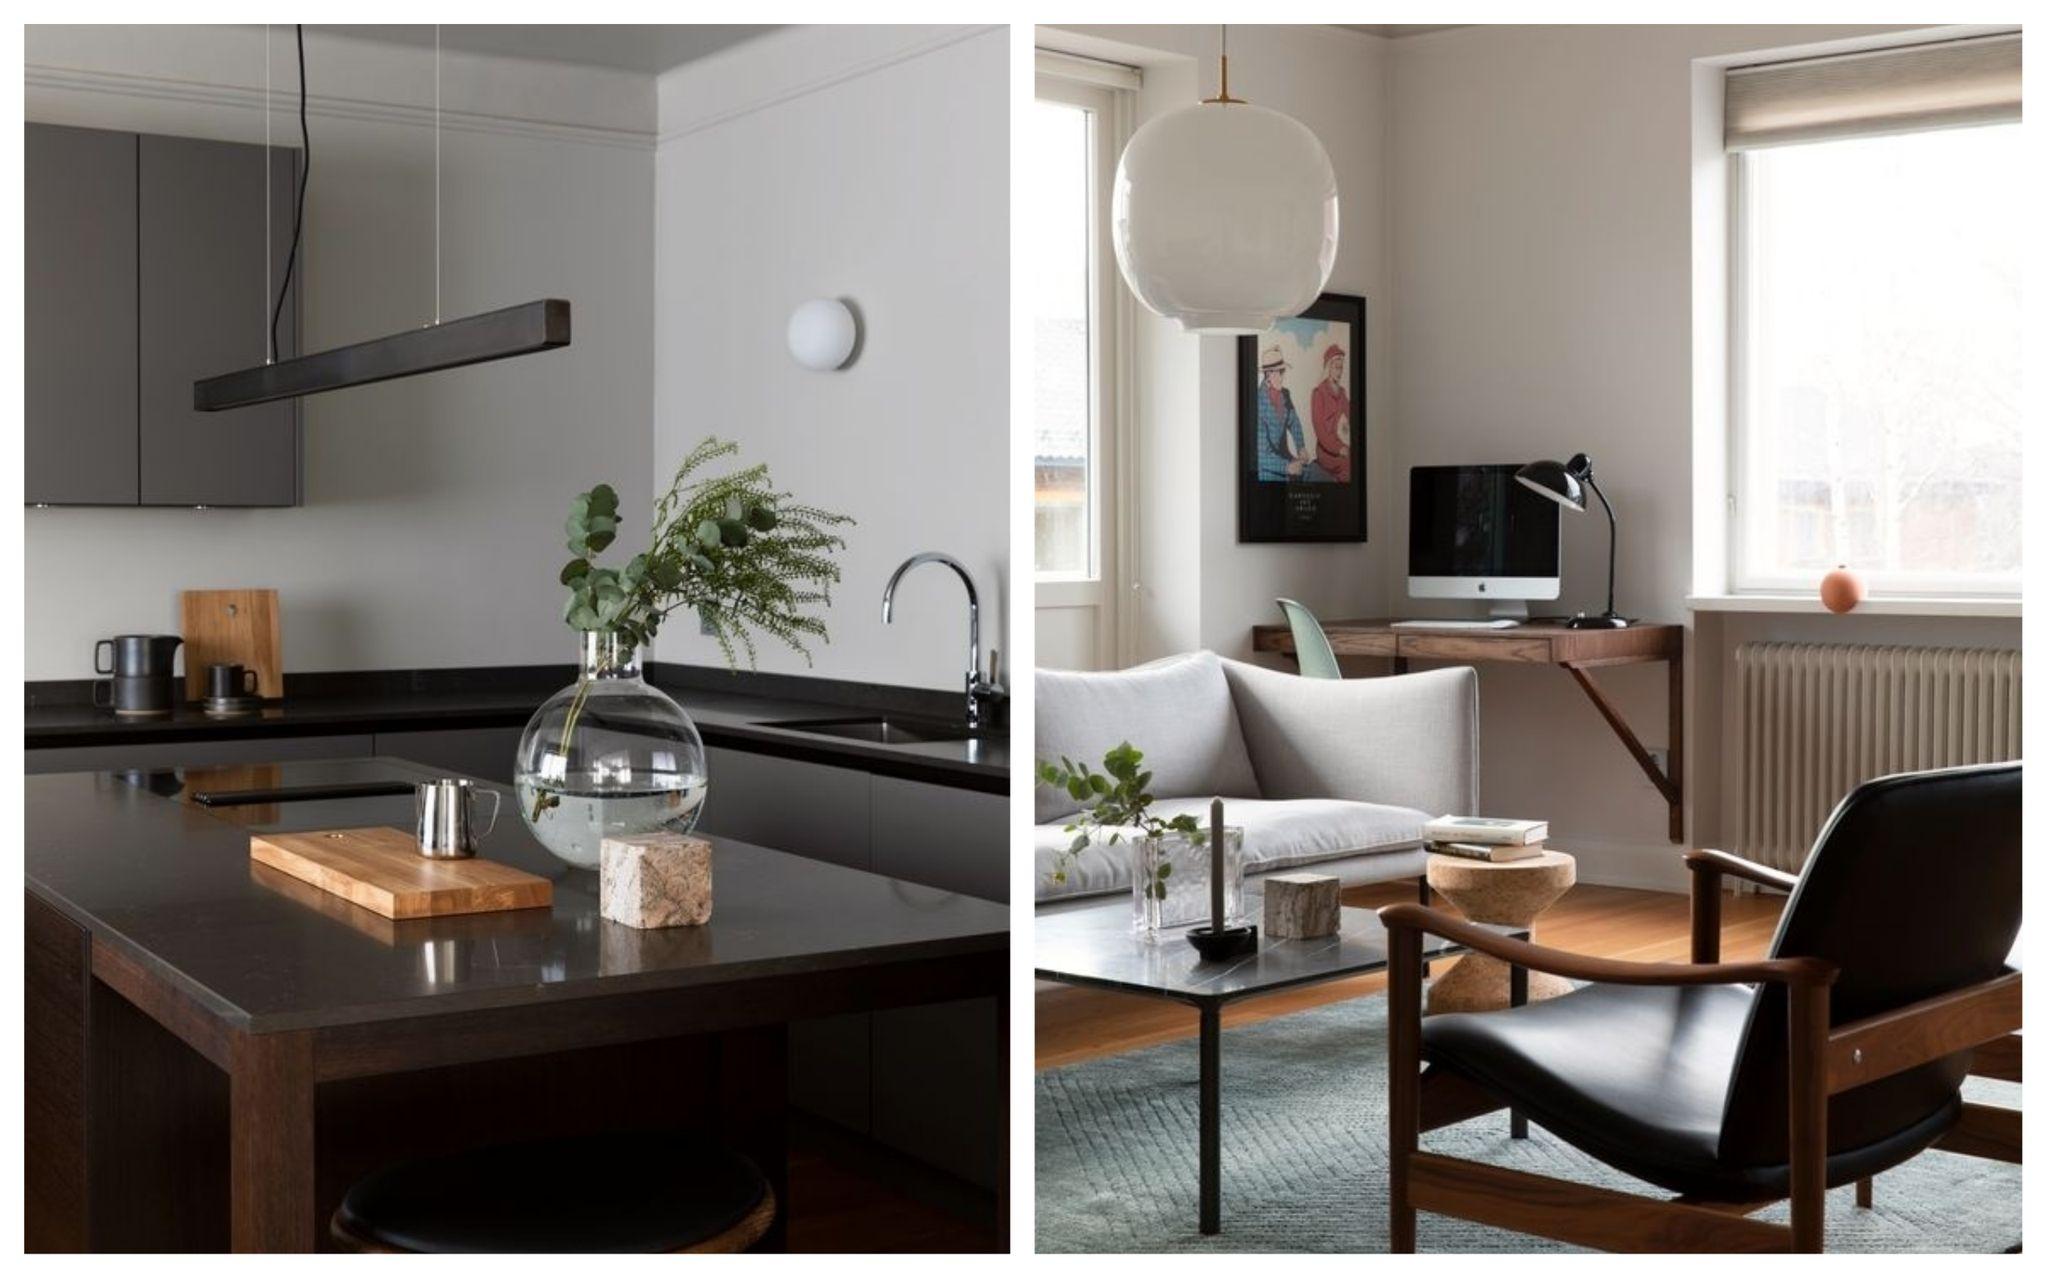 På arkitekturens premisser: Hjemmet er tilpasset den funksjonalistiske bygården og familiens liv